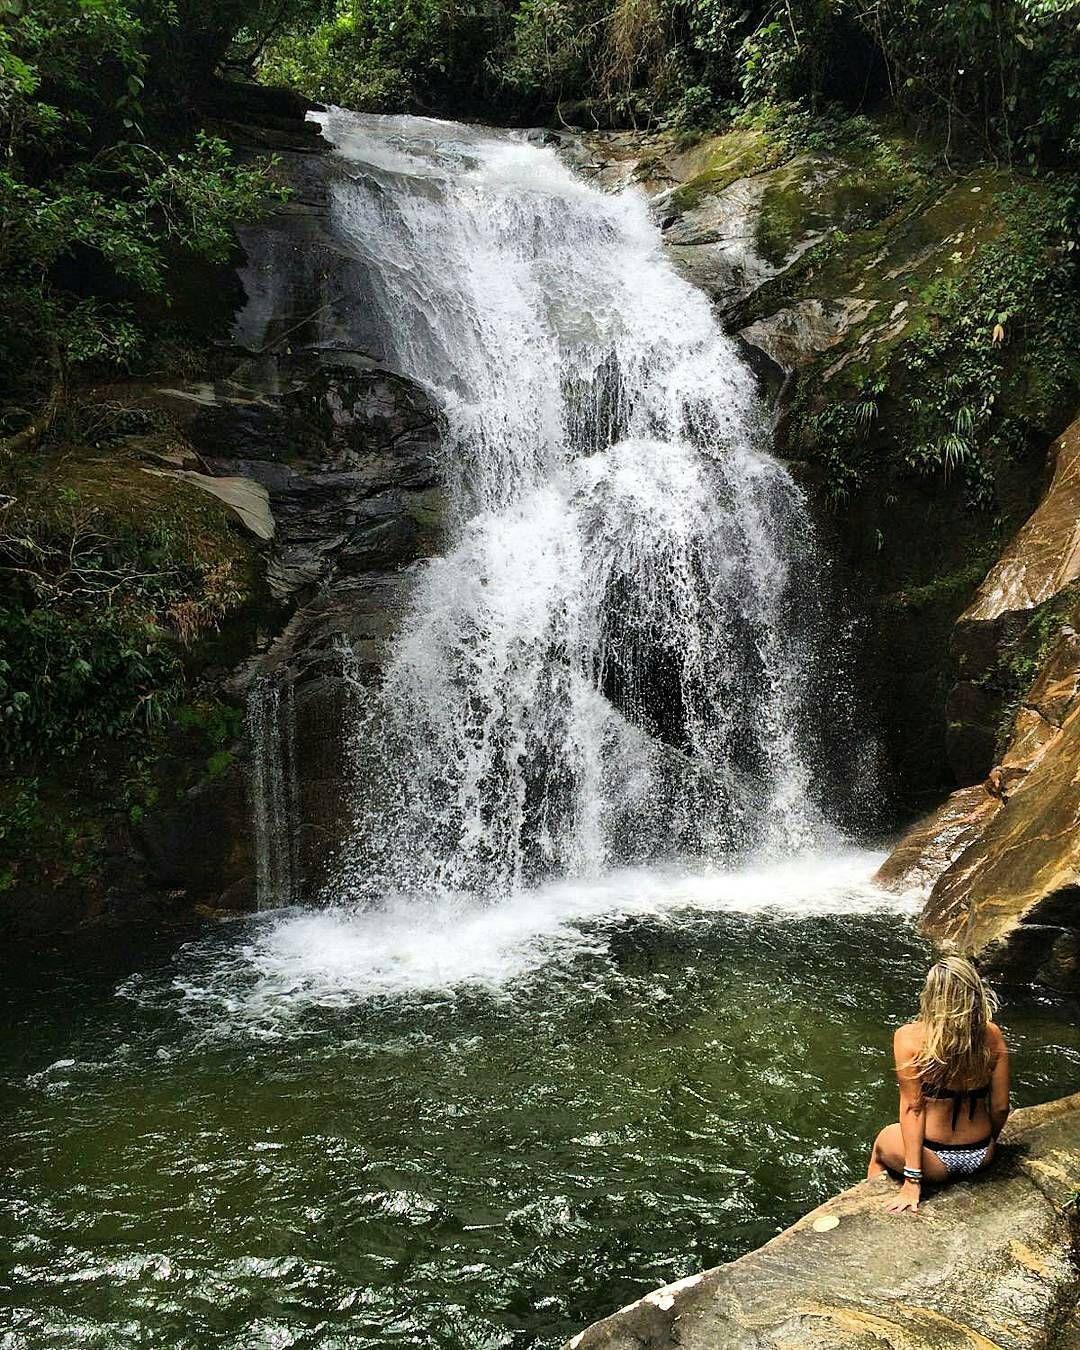 """Santo Aleixo Magé - RJ por @talitanurse. .   """"Esse é o resultado de um dia bem aproveitado!!!""""  Use #Brazil_Repost ou  # em suas fotos e apareça aqui também!  #Brazil #Paisagem #nature #mtur #all_shots #viagem #instagood #natureza #cachoeira #sunsets #happy #life #sun #goodvibe #igers #waterfalls #Guapimirim #Magé #fun  #trip #travel #gopro #sunset #viajando #Brasil #viajar #Rio #bomdia  by brazil_repost"""